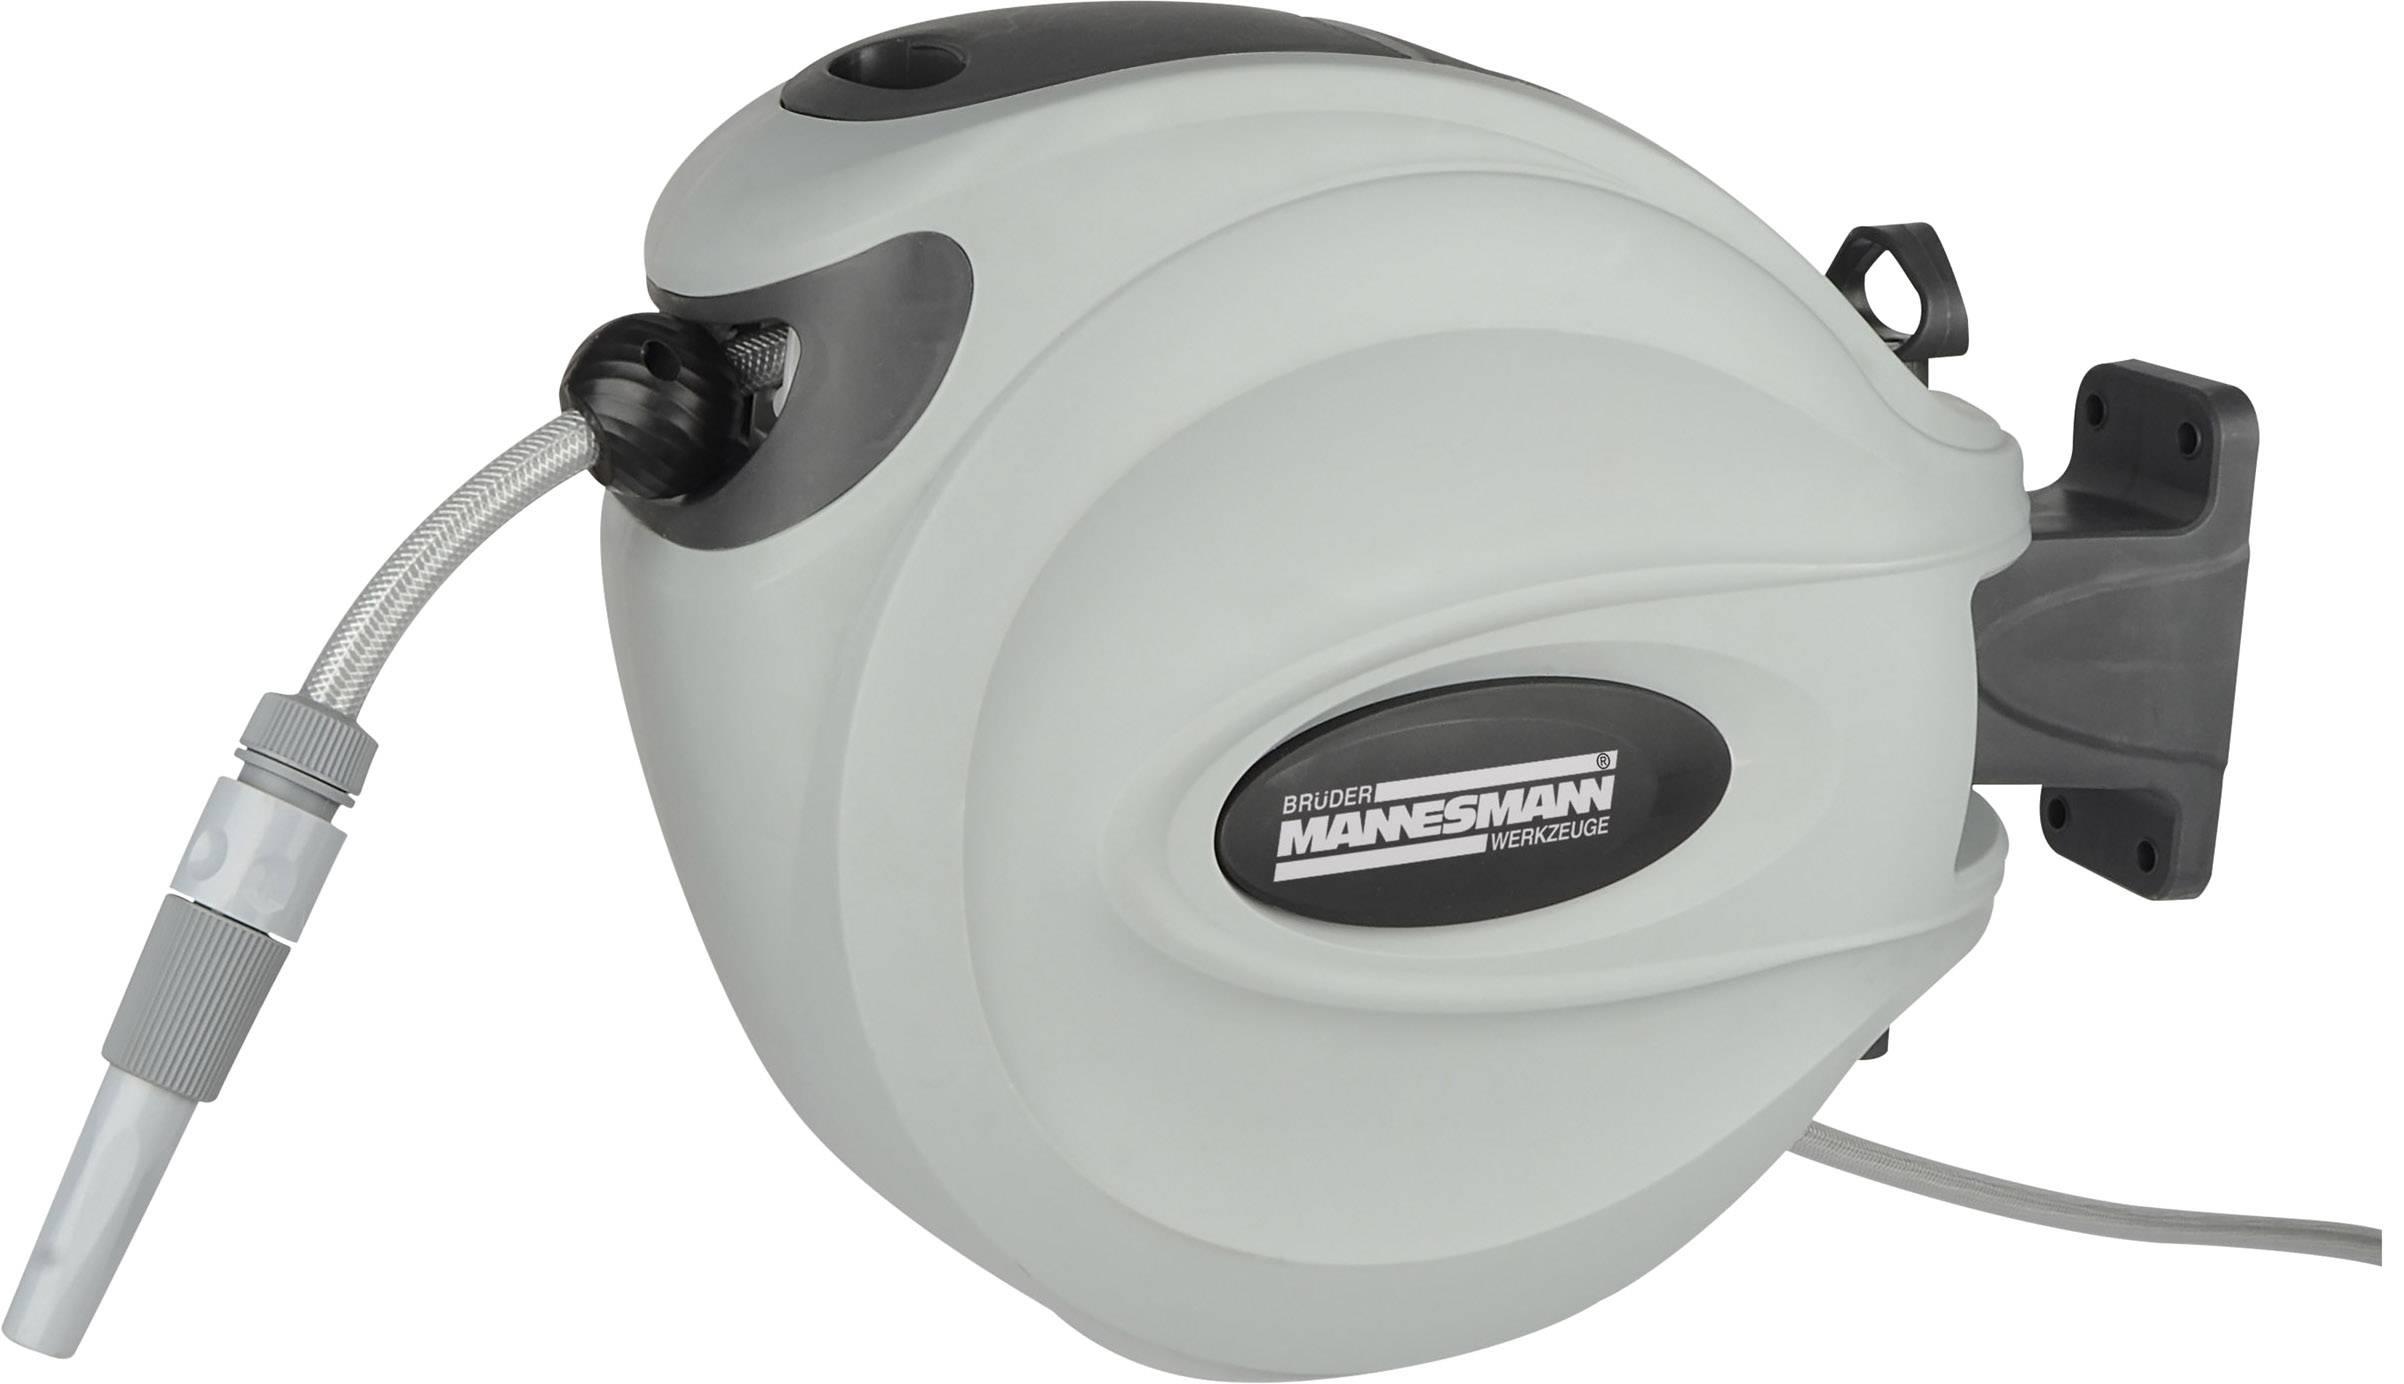 Metabo ST 200 Druckluft Schlauchtrommel mit 30 m Druckluftschlauch drehbar ...